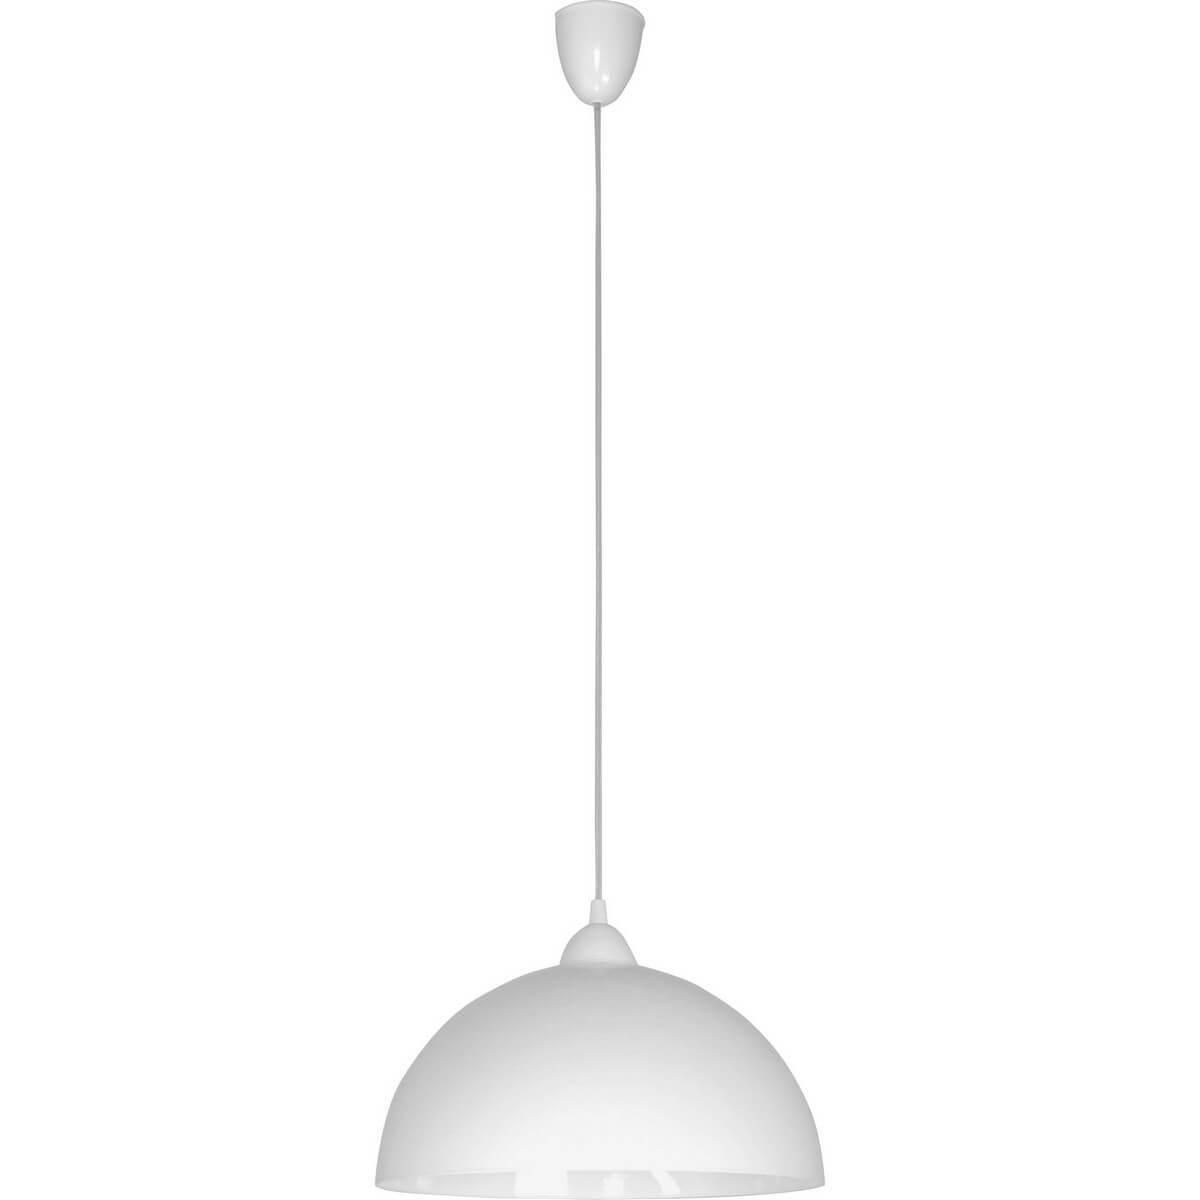 Светильник Nowodvorski 4841 Hemisphere White подвесной светильник nowodvorski hemisphere cracks 6371